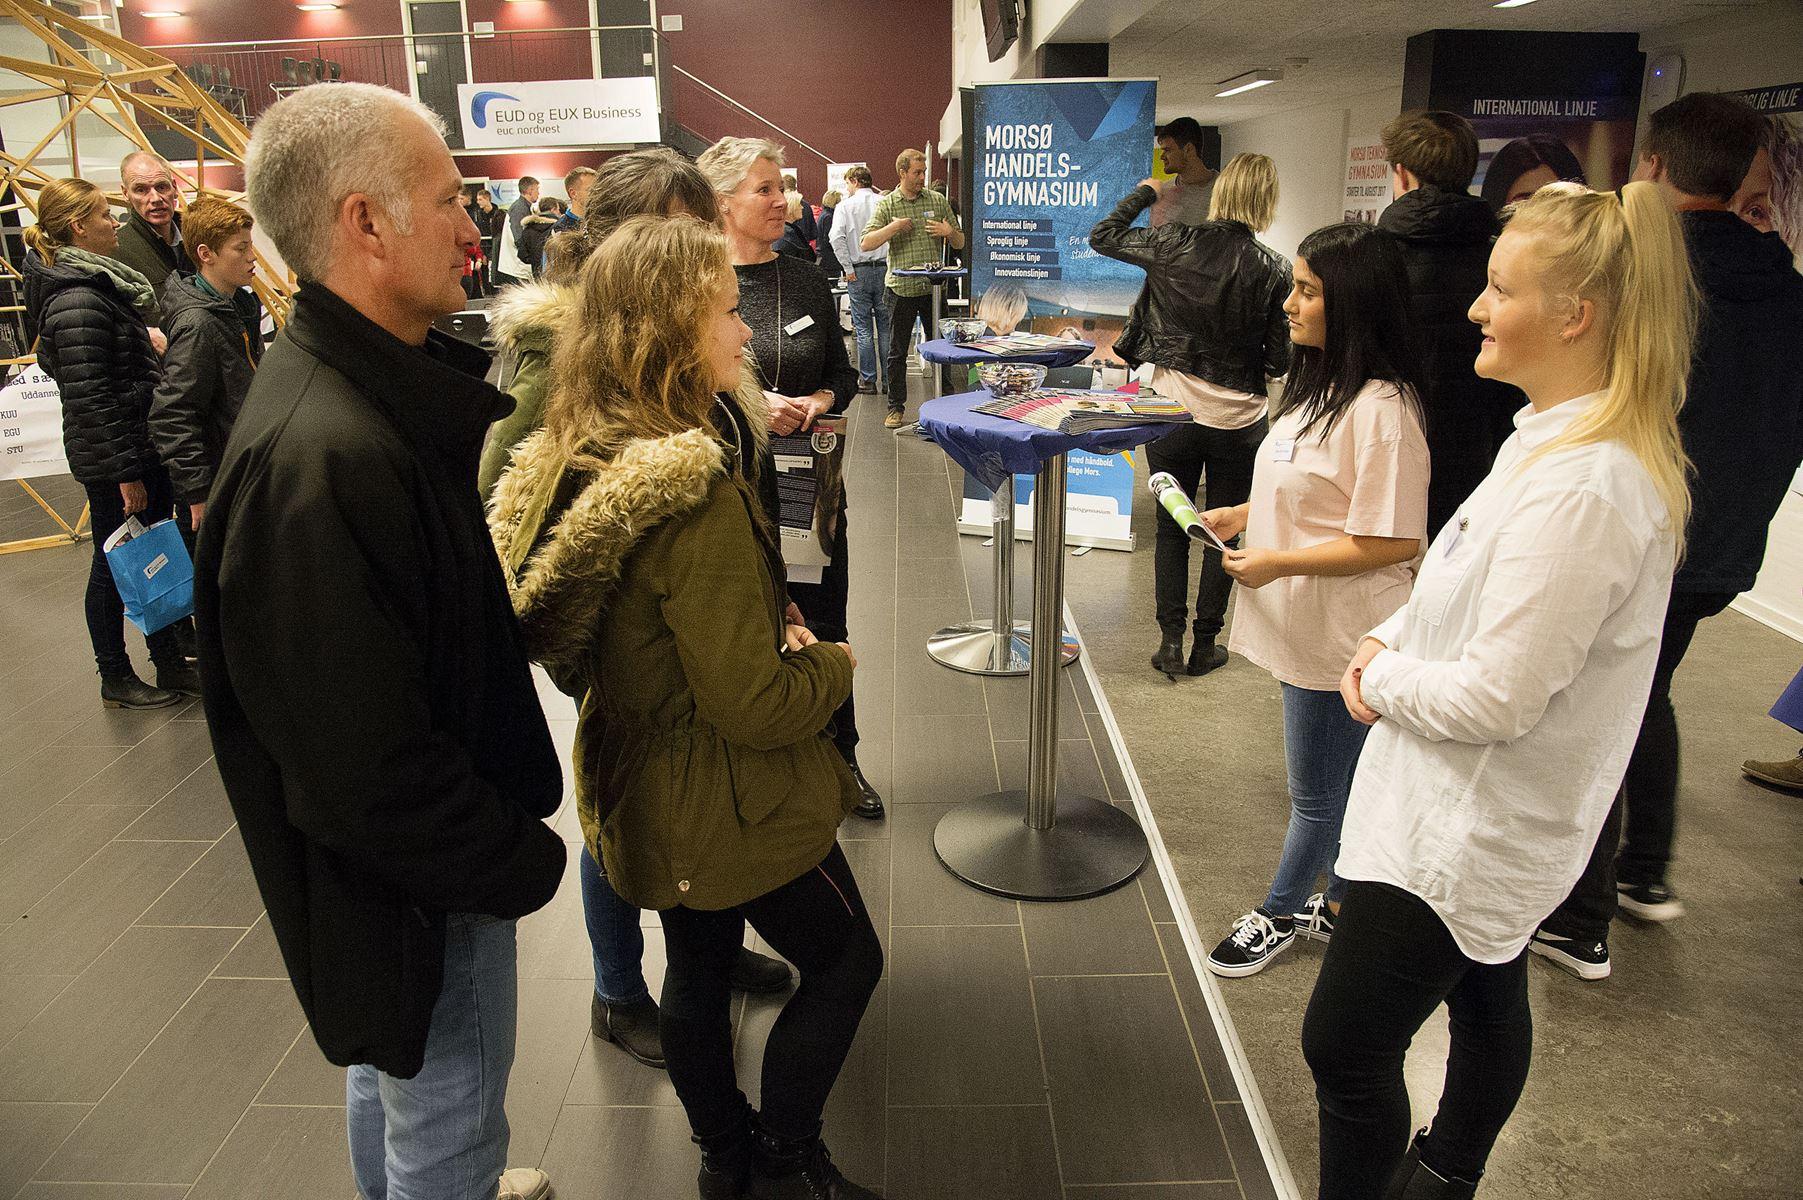 Uddannelses- og Erhvervsmessen afholdes i år i Sparekassen Thy Arena Mors i stedet for på Dueholmskolen